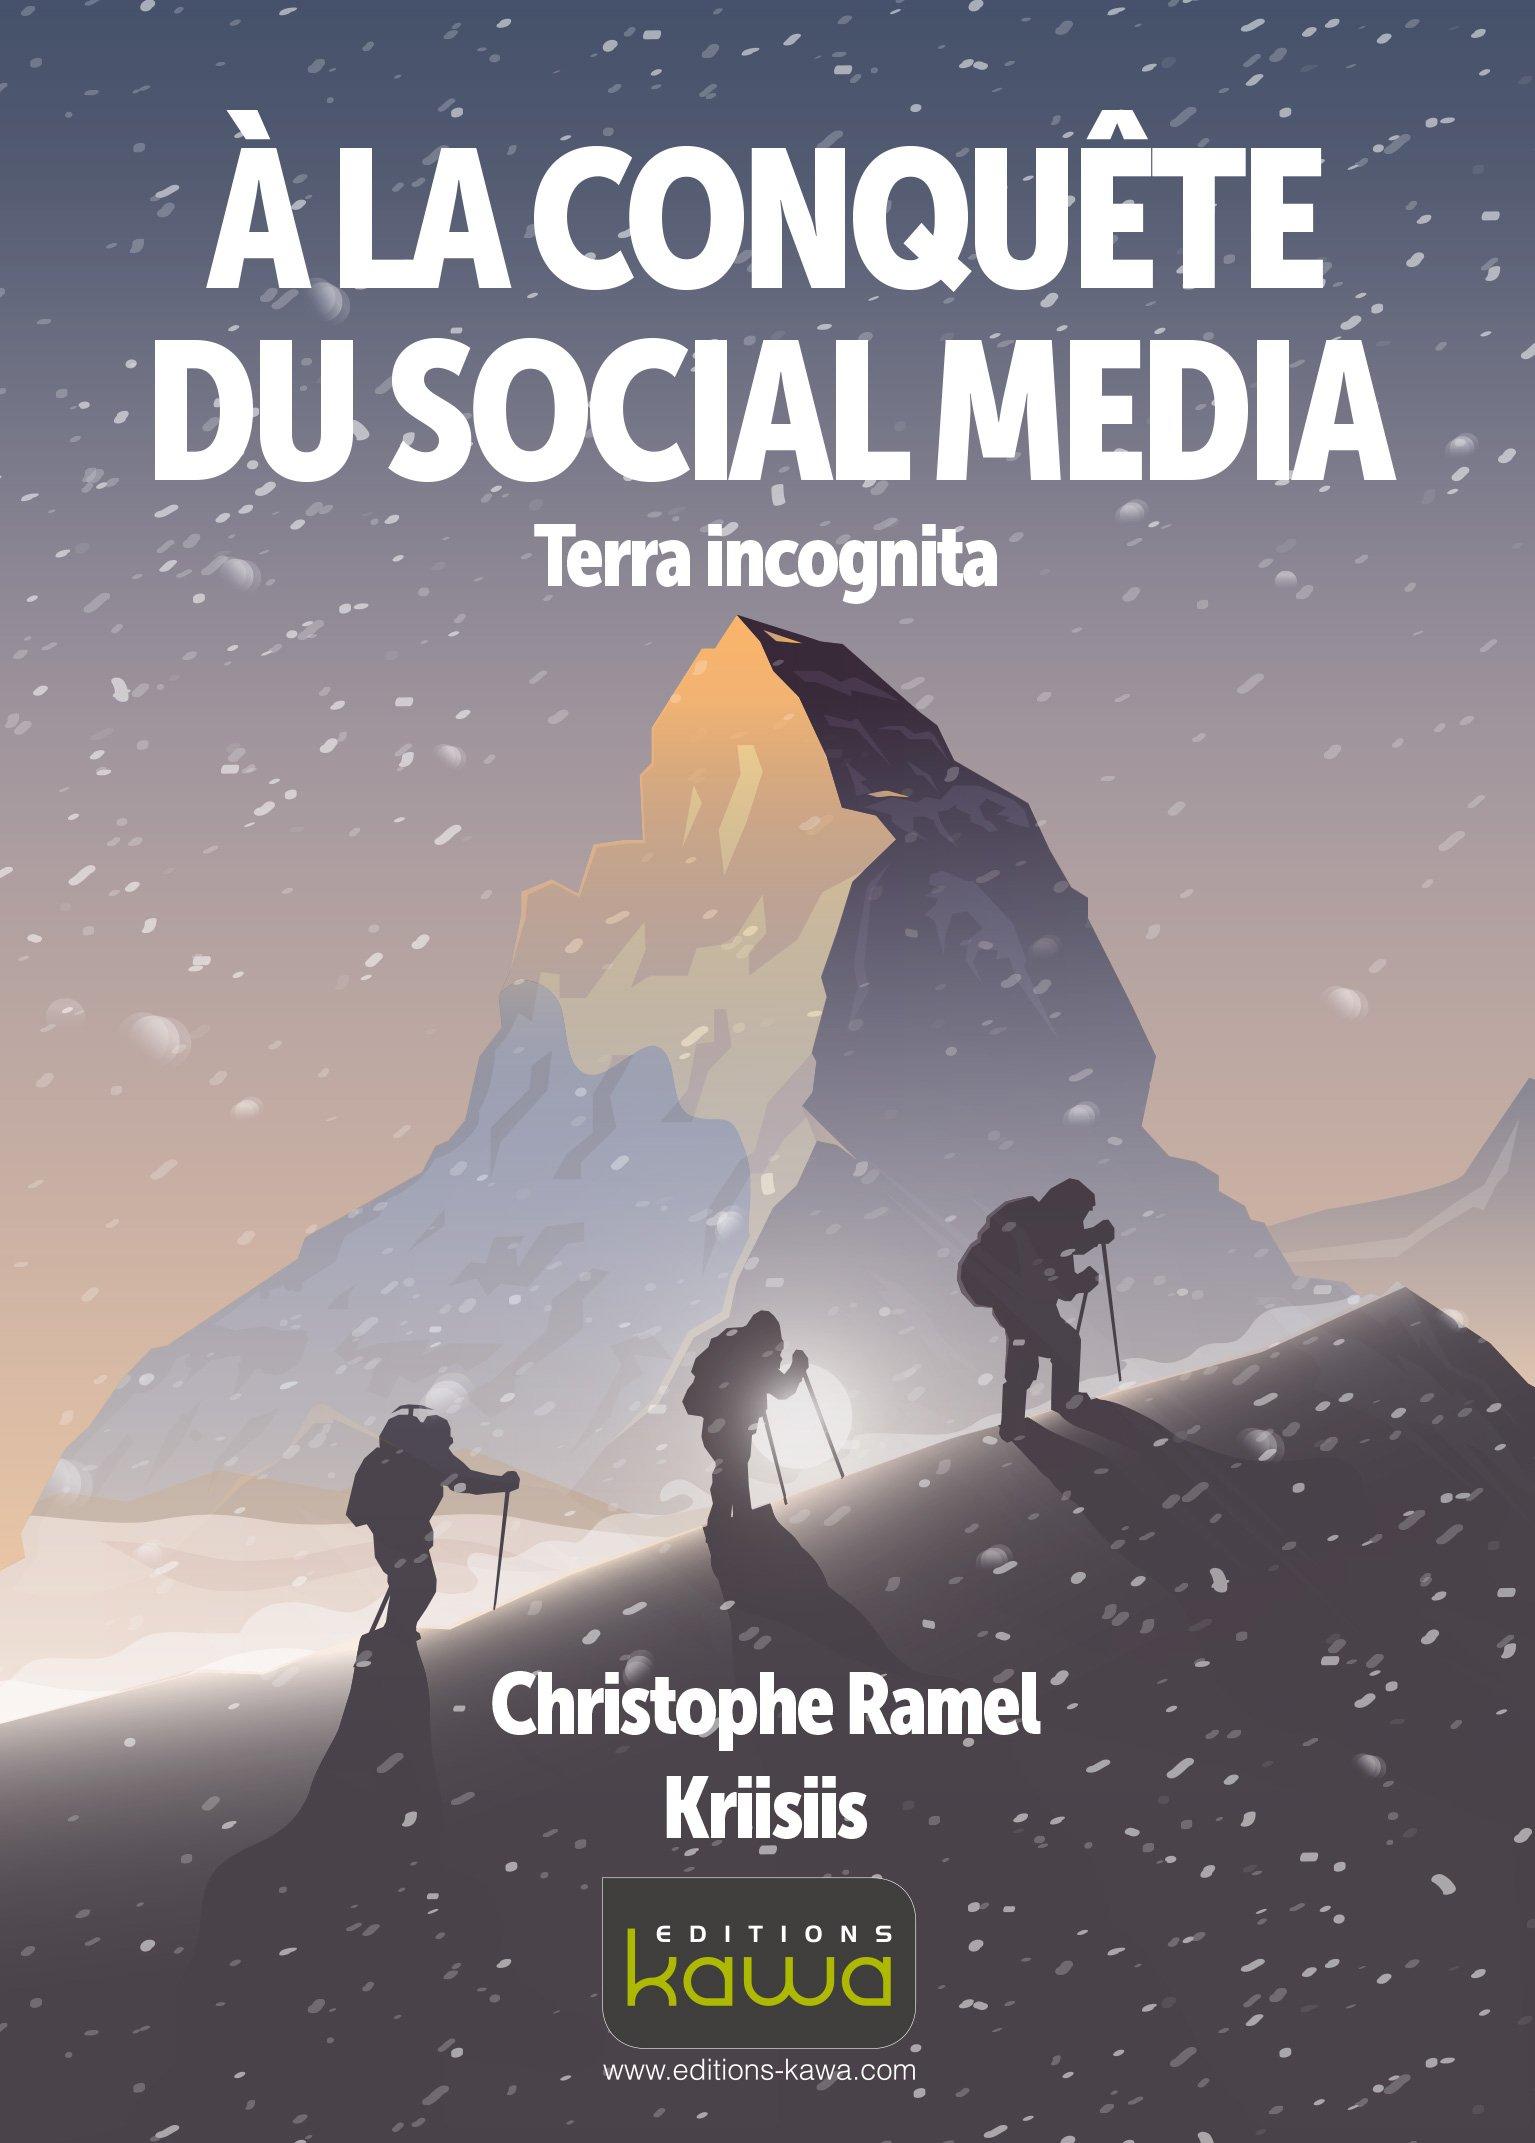 a-la-conquete-du-social-media-livre